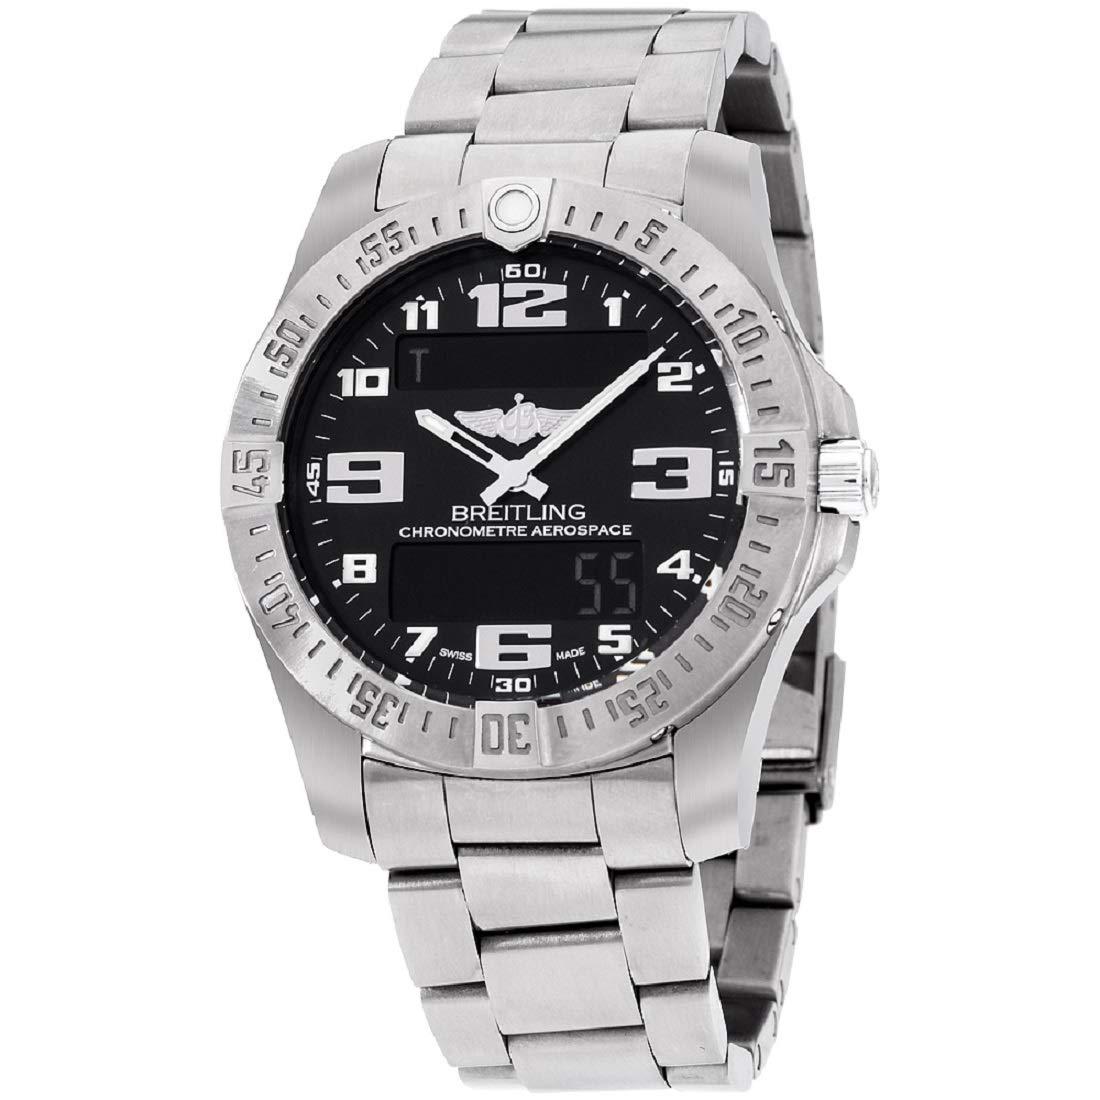 Breitling Aerospace Evo Mens Watch E7936310 BC27